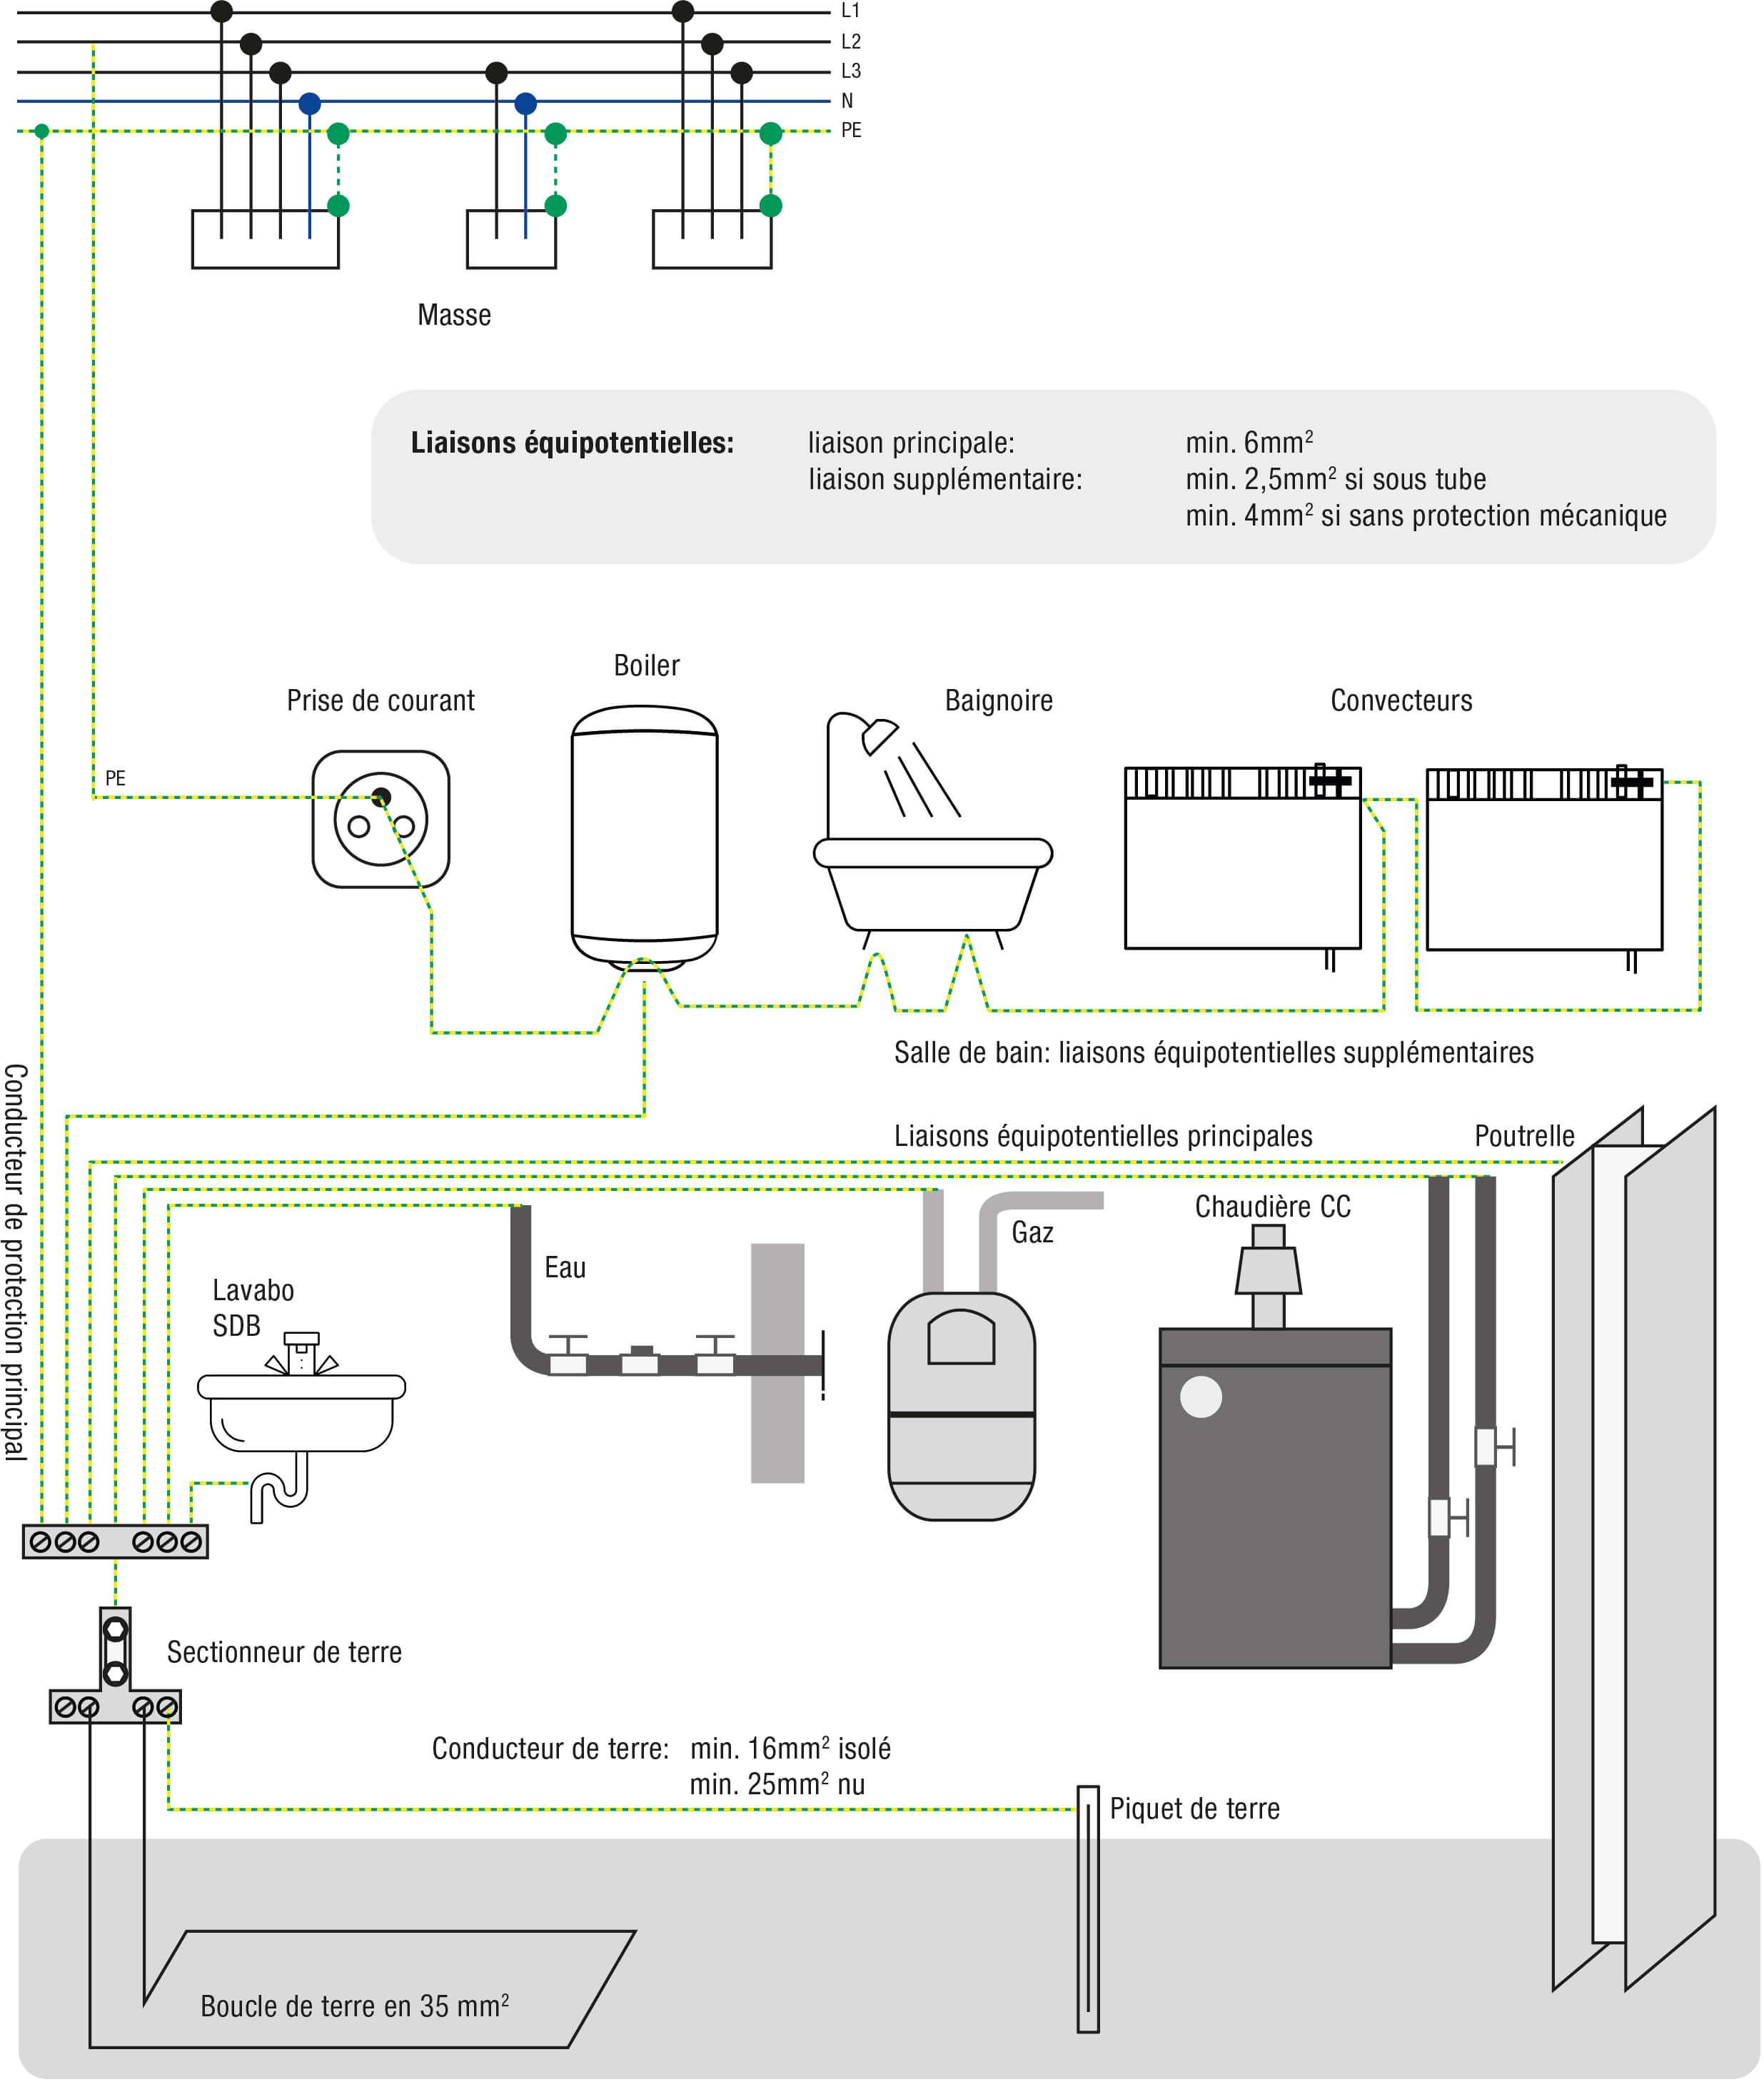 Le guide du contr le lectrique certinergie certificat peb contr le d - Controle installation electrique ...